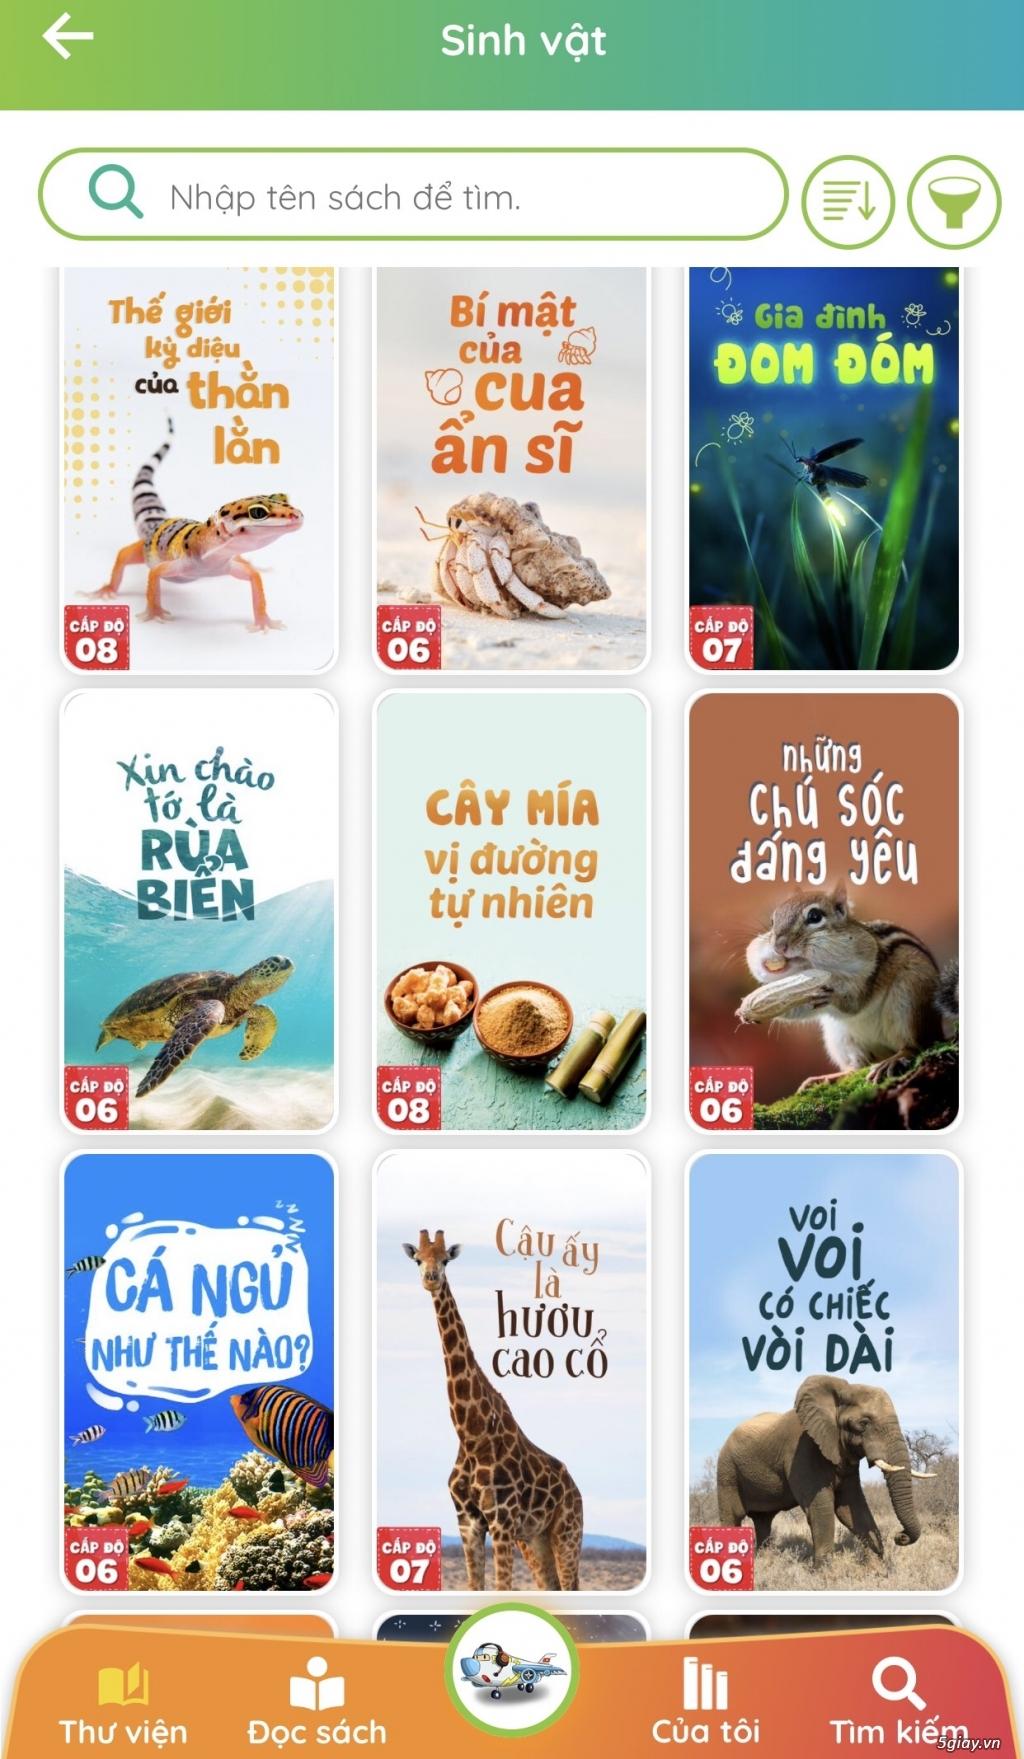 UMBALENA - Kho sách khám phá thế giới cho trẻ - 2